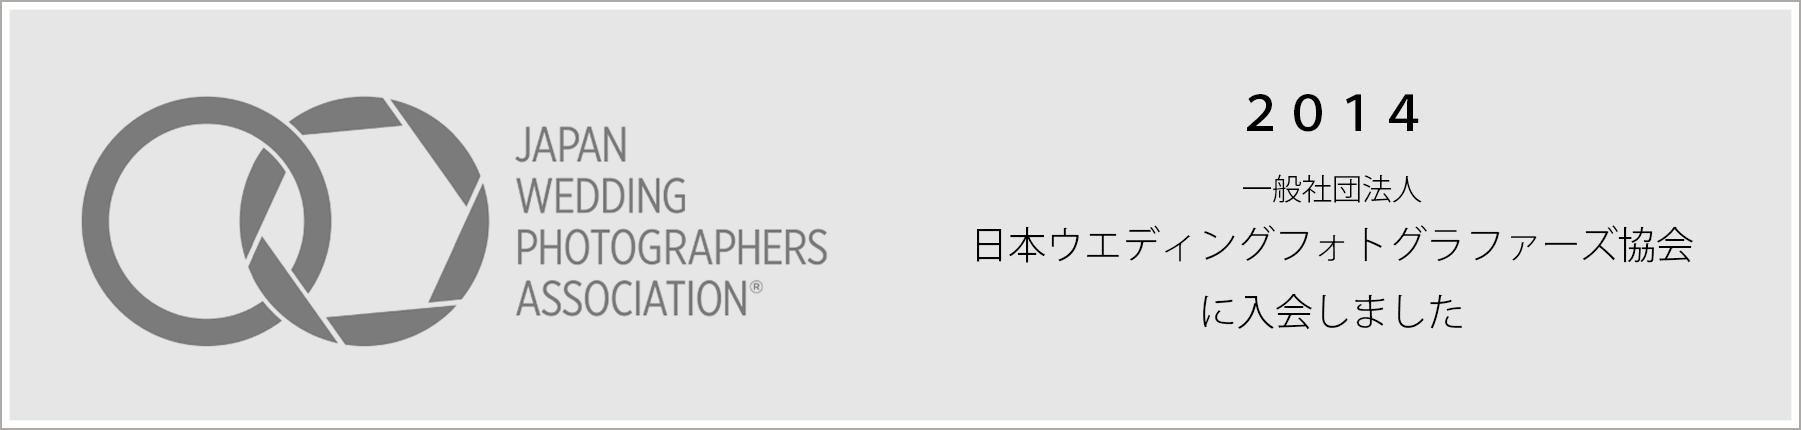 日本ウエディングフォトグラファーズ協会